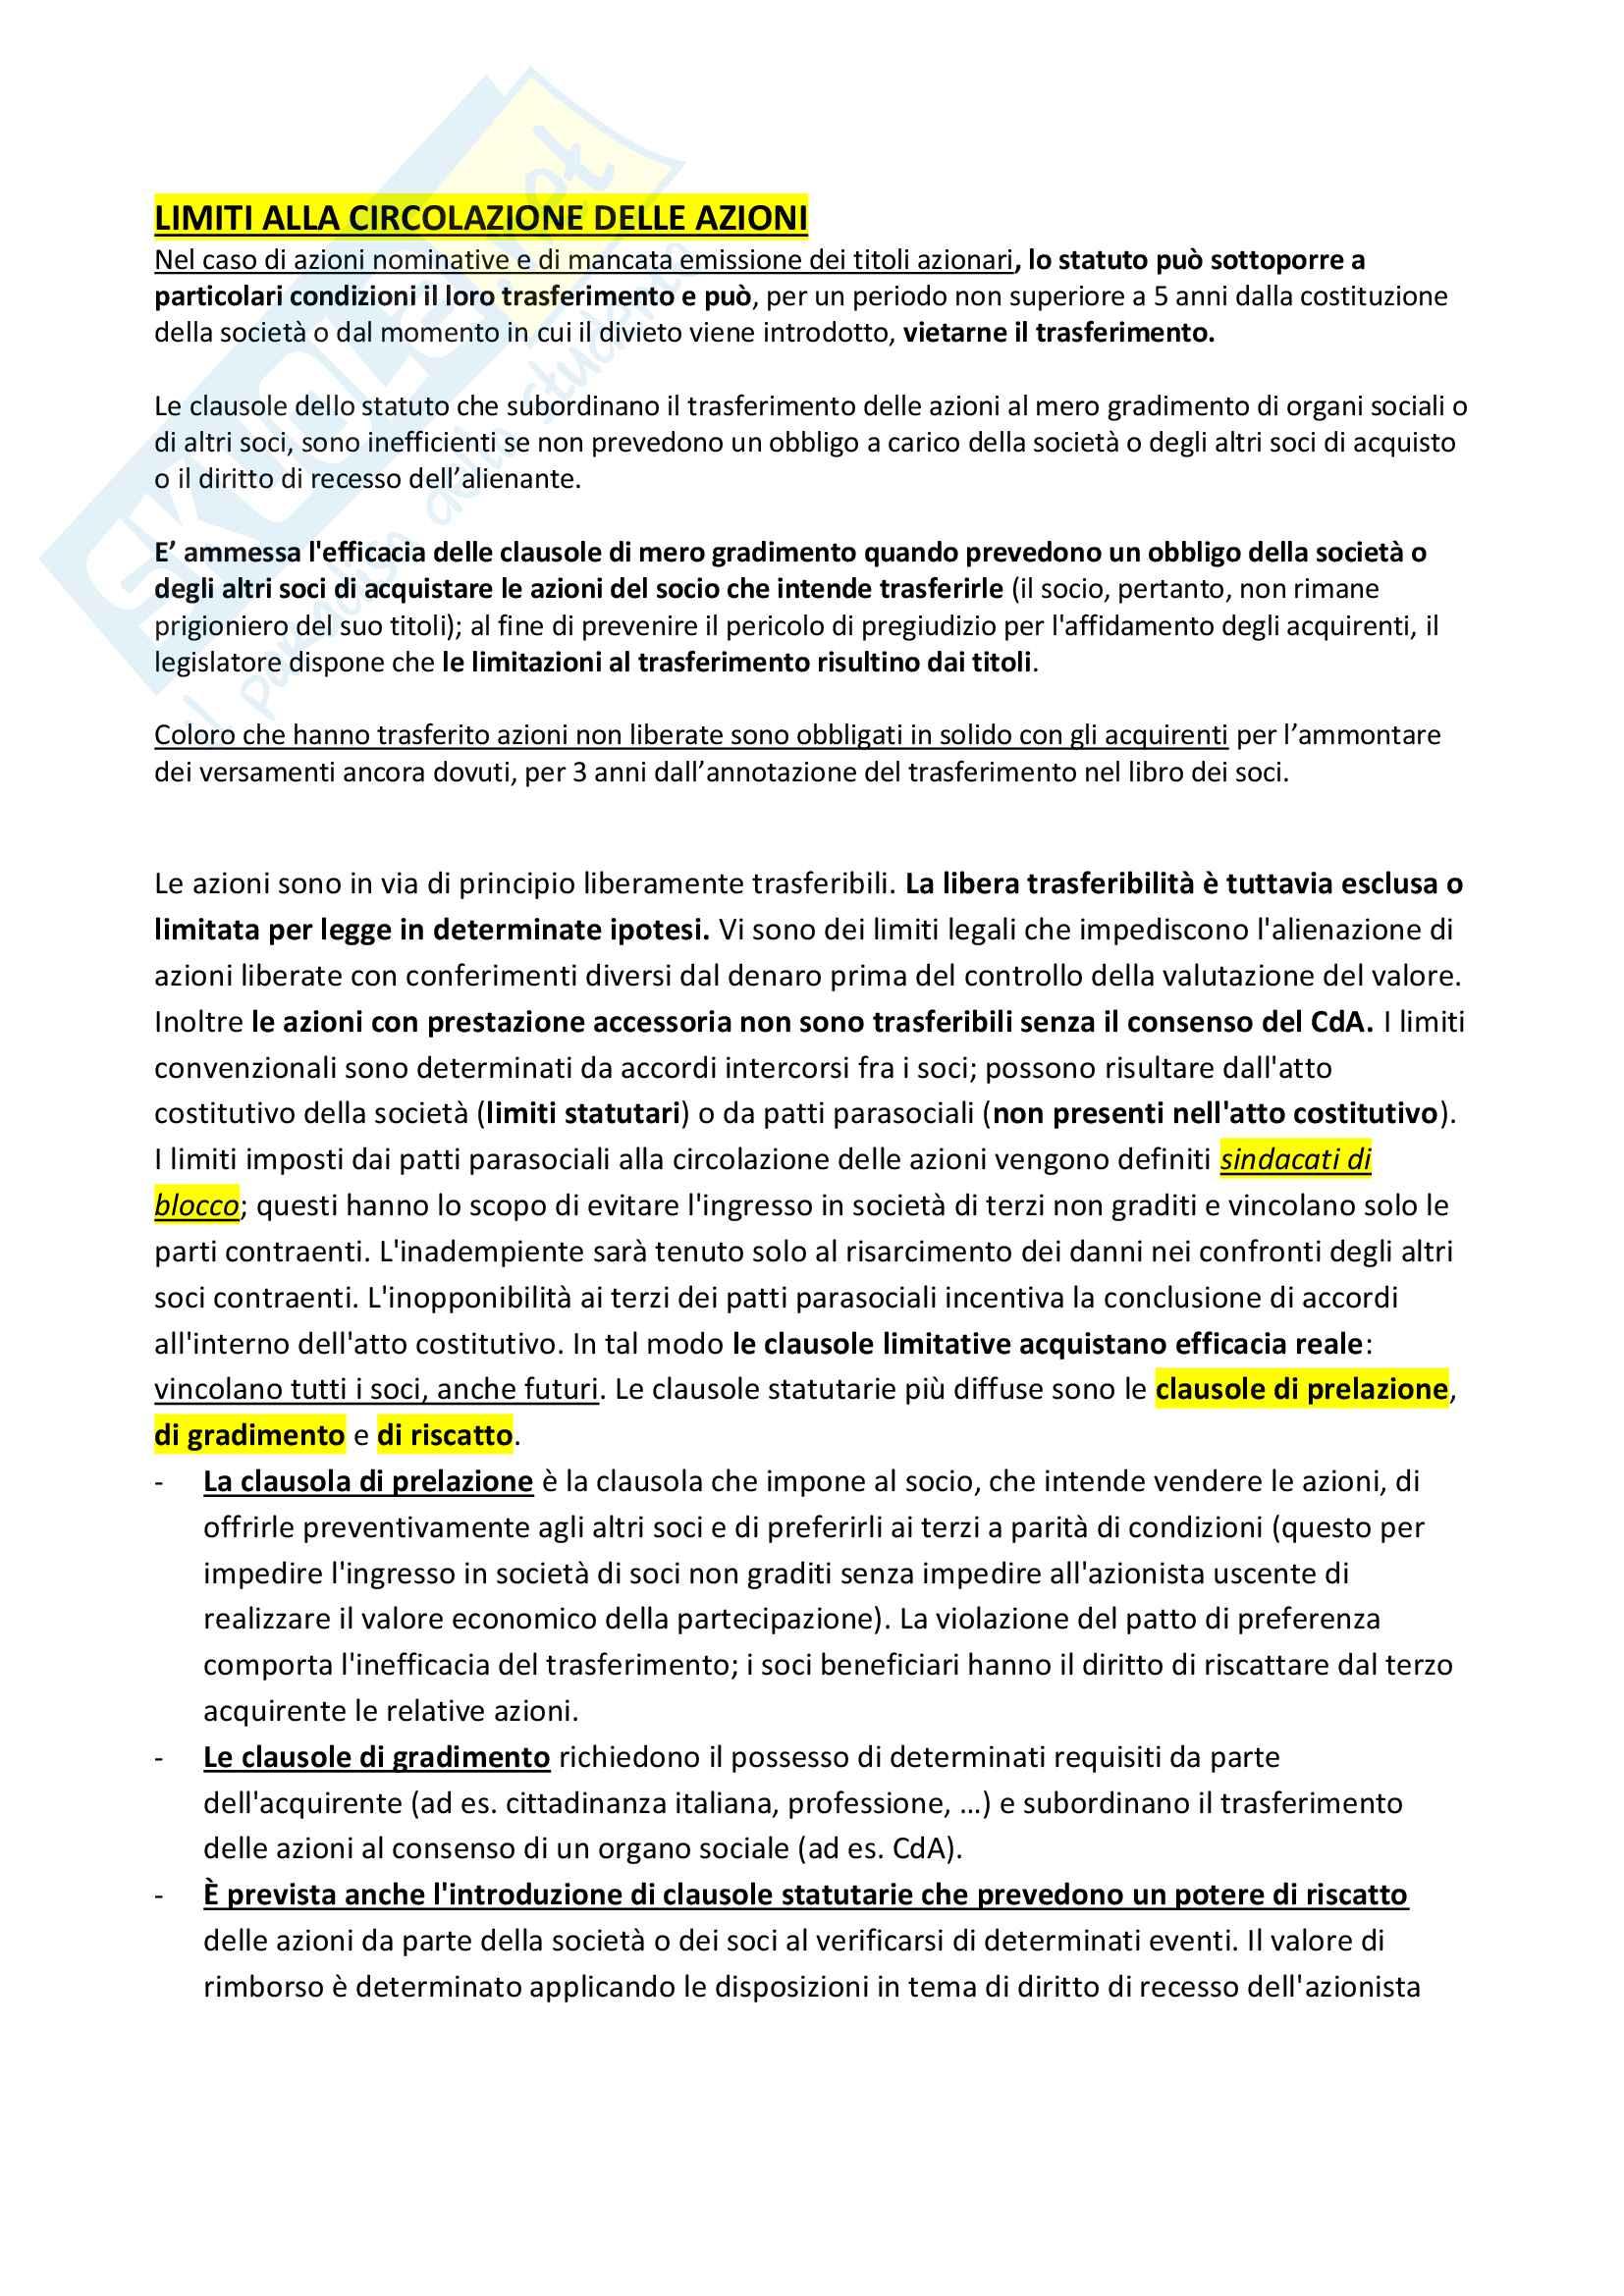 Riassunto + appunti di diritto delle società Pag. 26